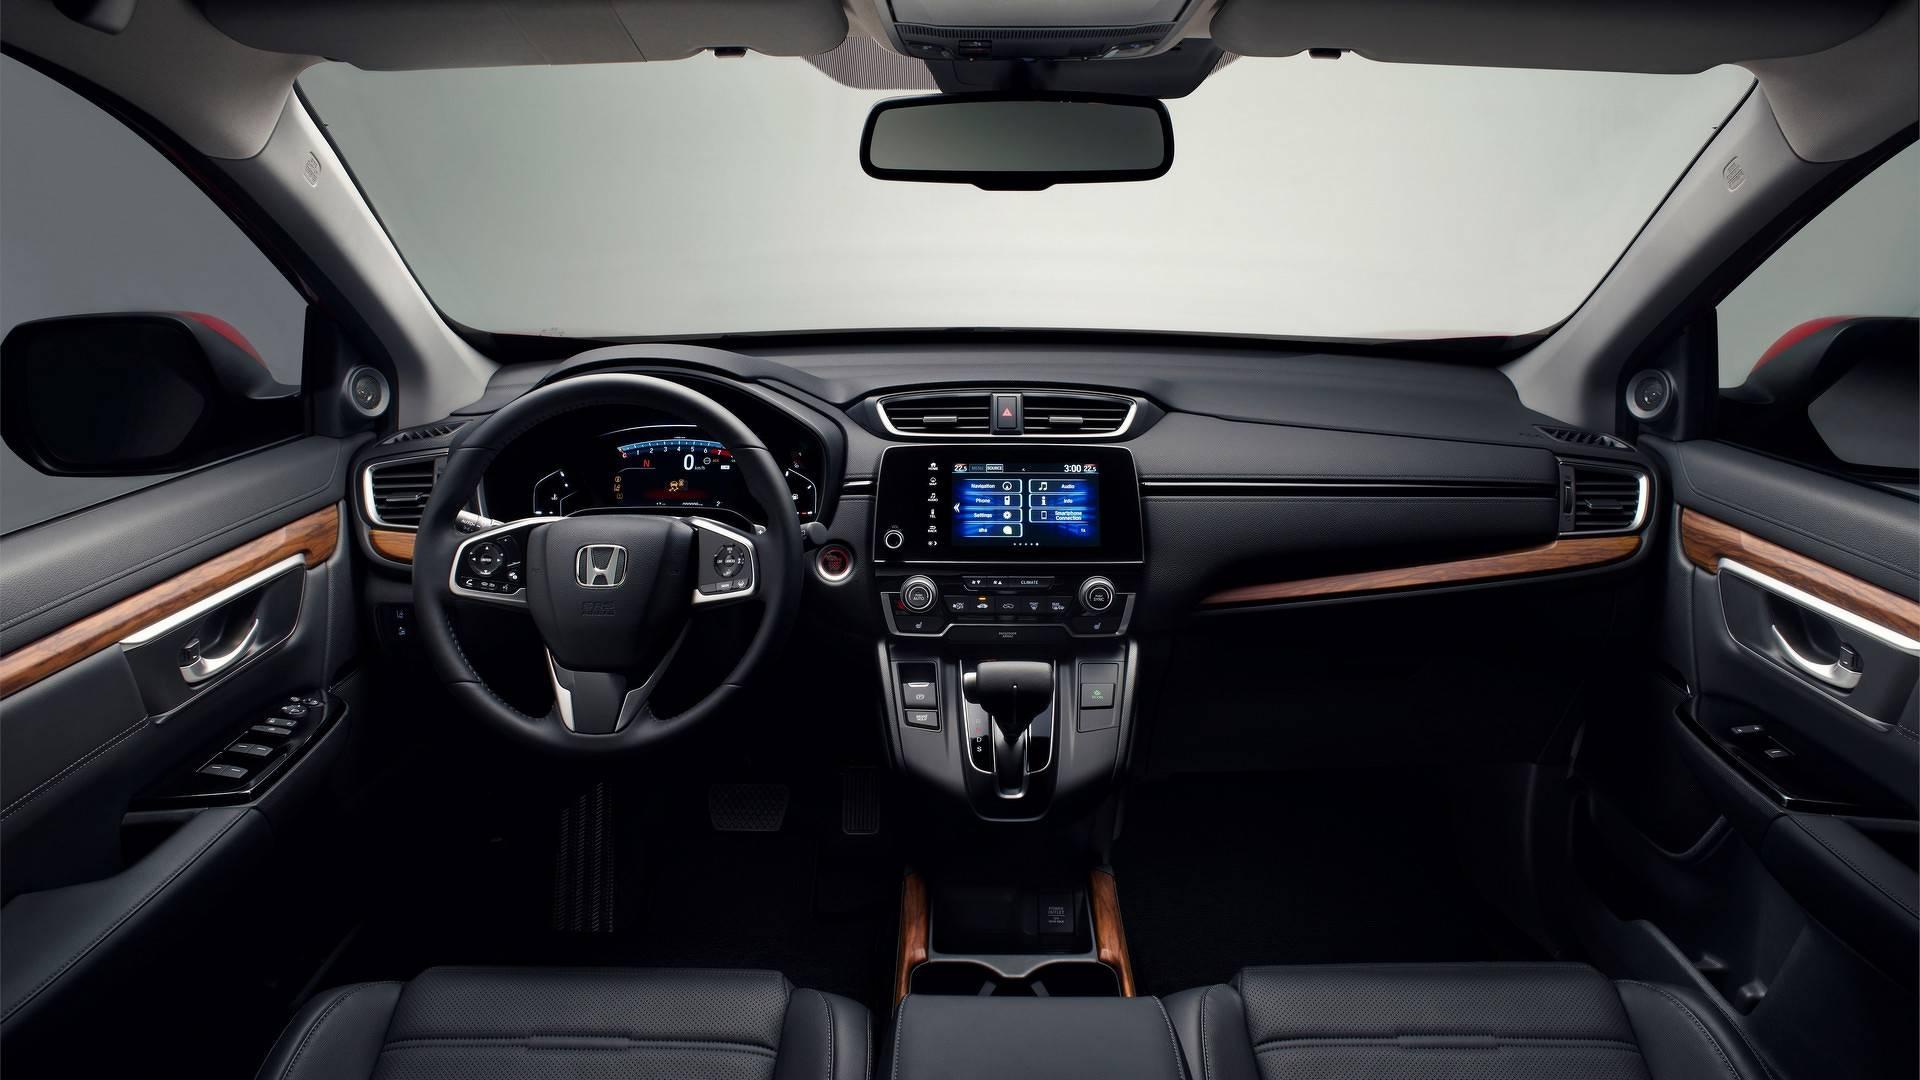 Yeni Honda Cr V Fiyatı Açıklandı Shiftdeletenet